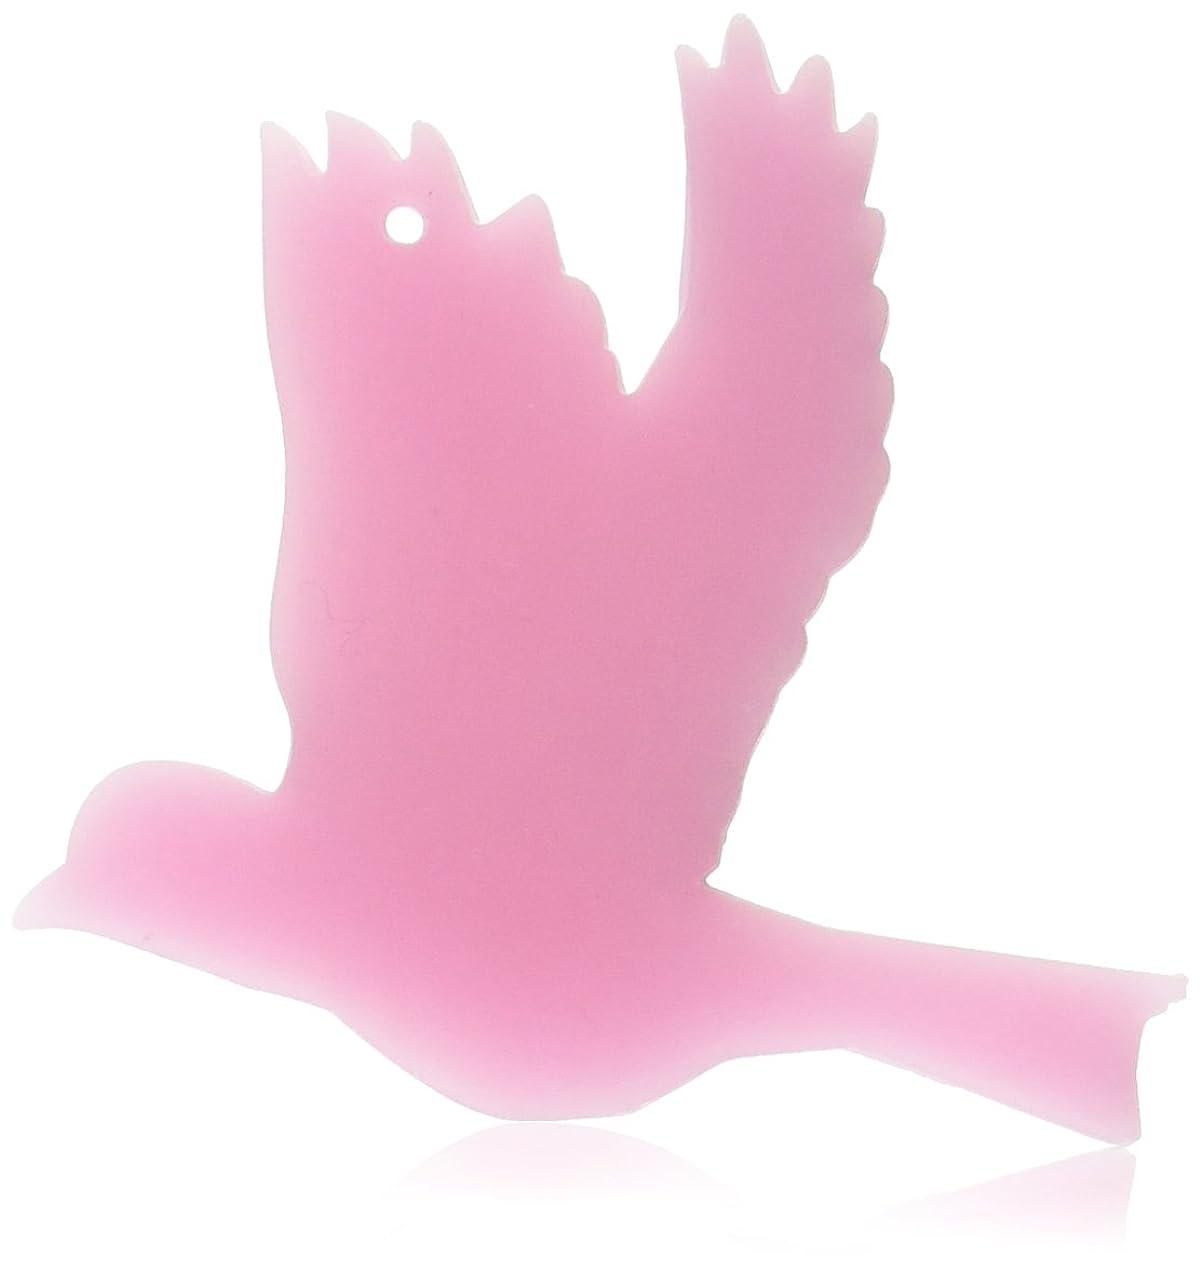 オーナーオーバーヘッドシャープGRASSE TOKYO AROMATICWAXチャーム「ハト」(PI) ゼラニウム アロマティックワックス グラーストウキョウ